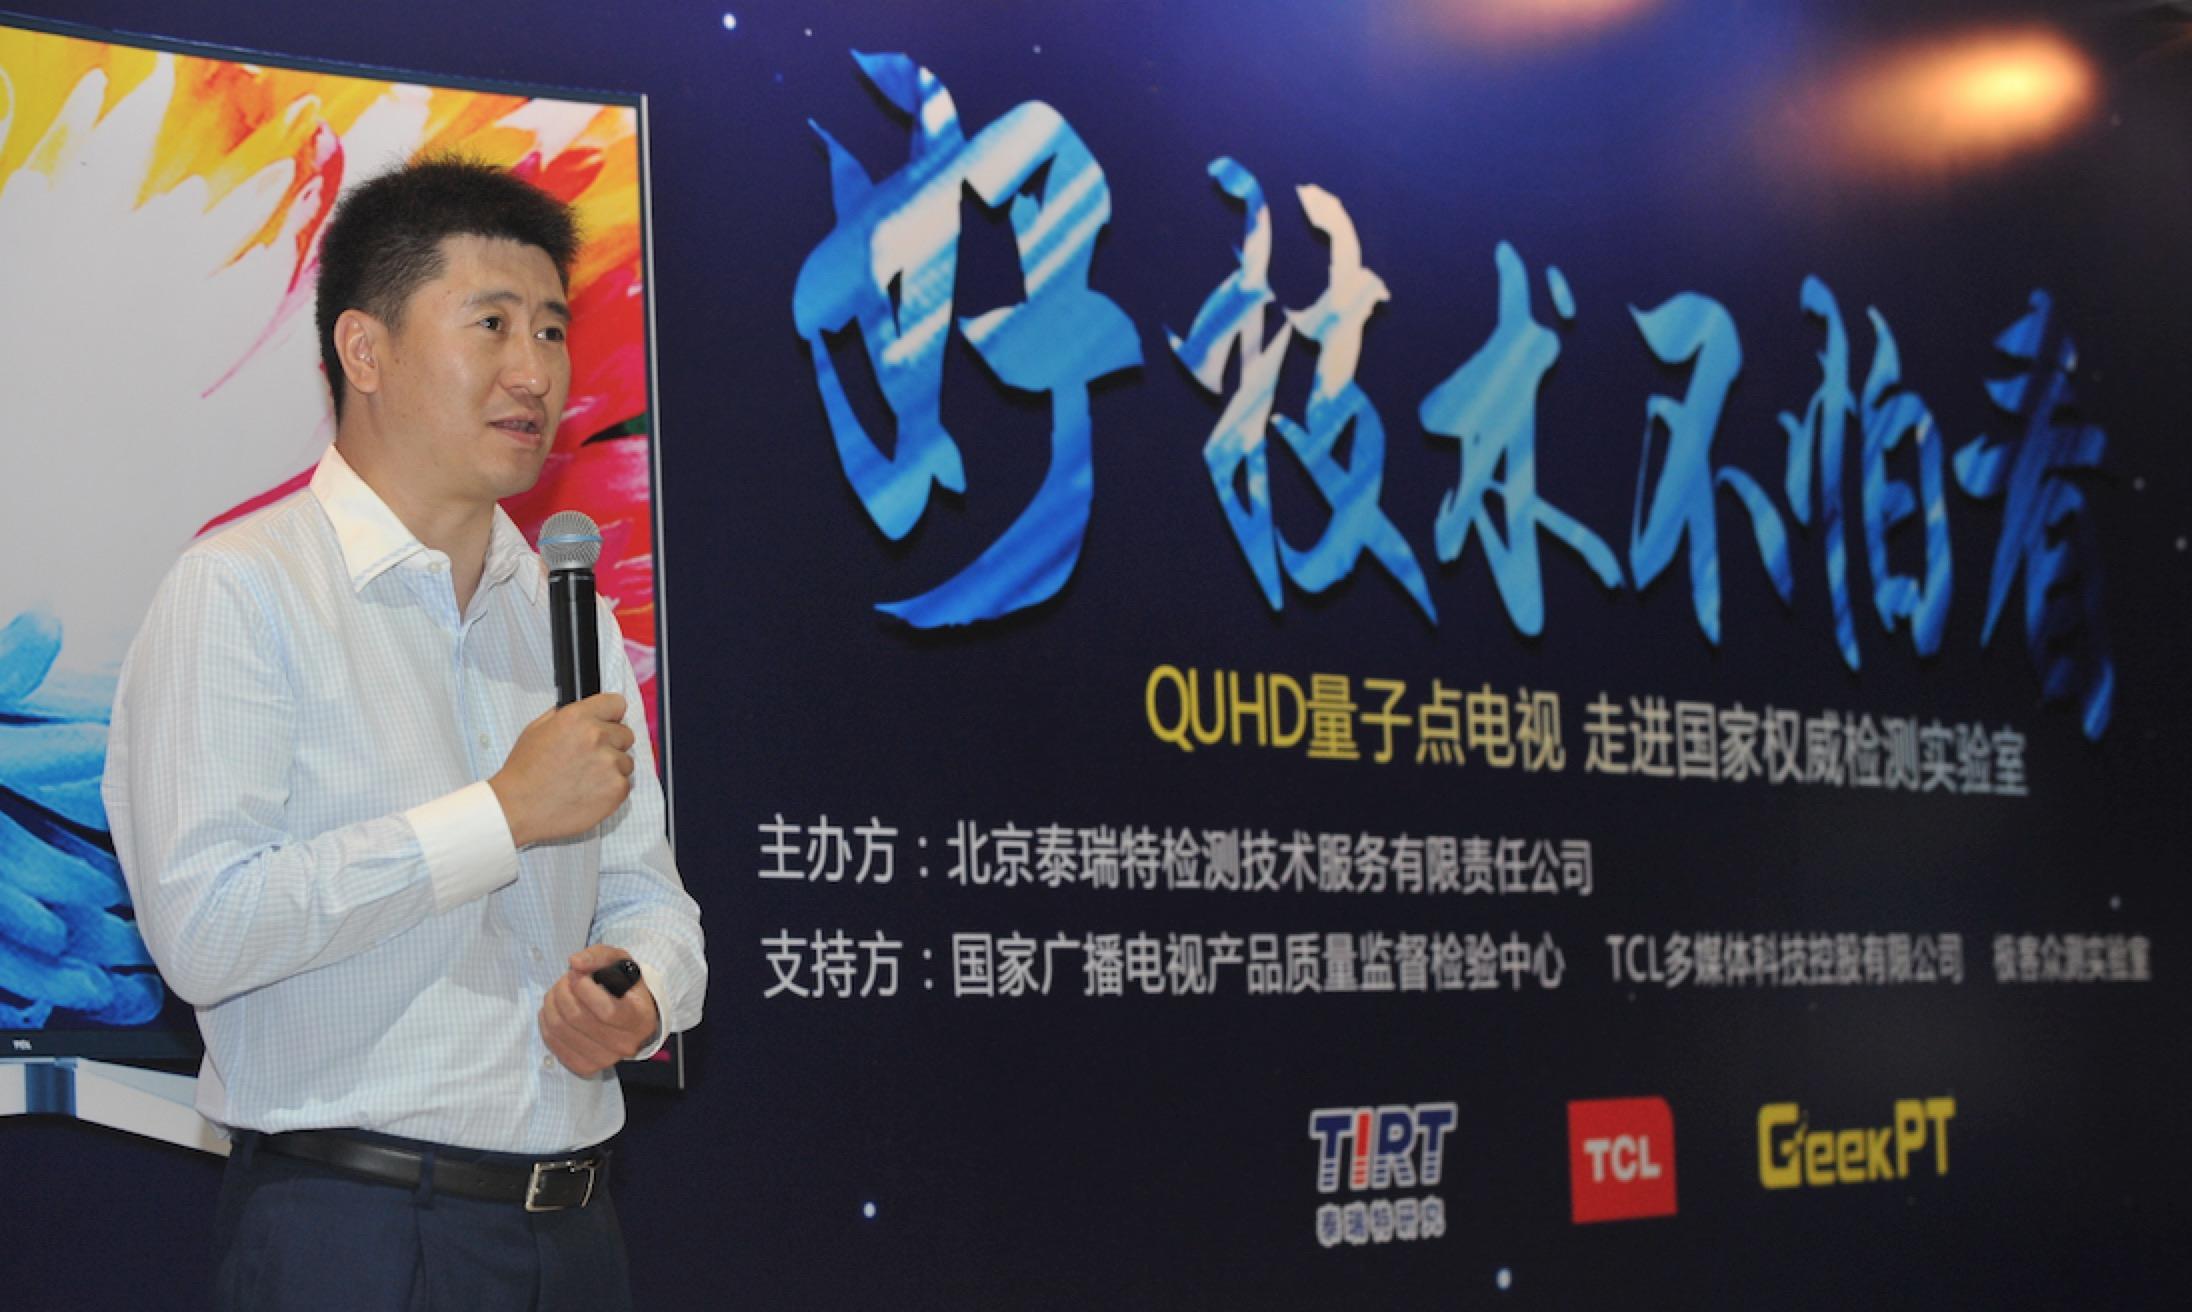 泰瑞特大数据:TCL QUHD量子点电视排名第一